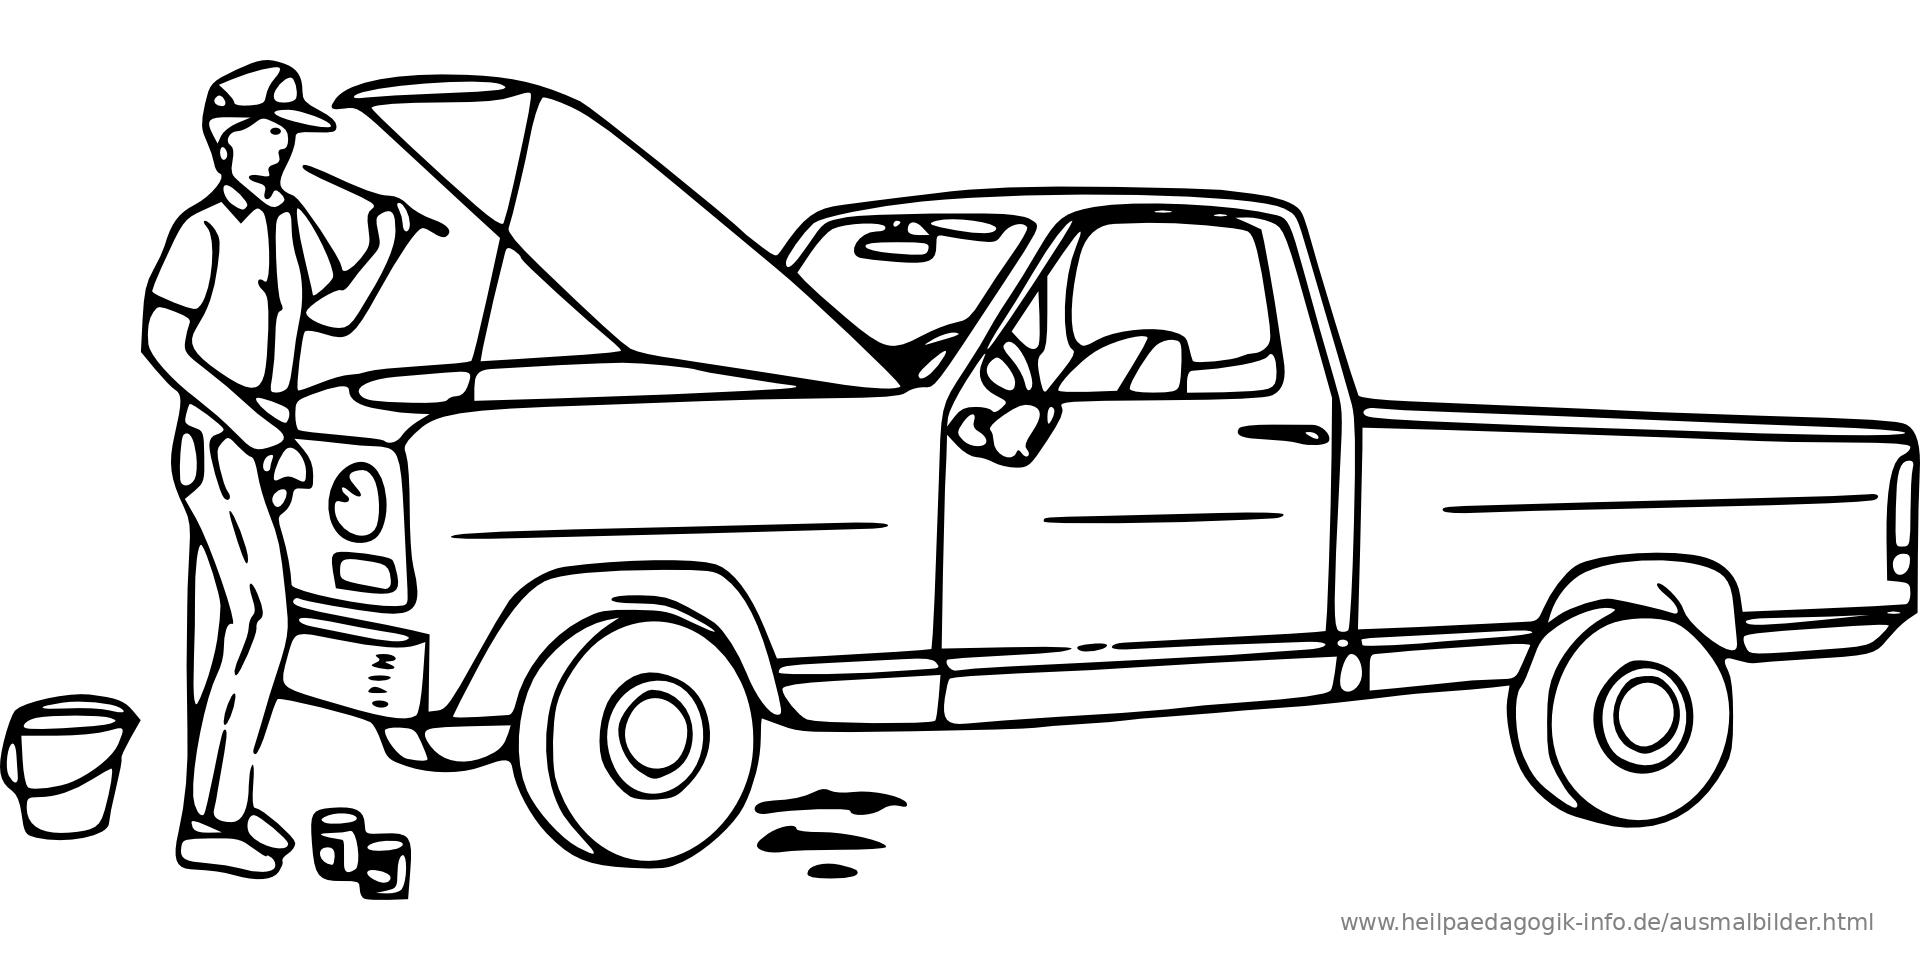 malvorlagen auto kostenlos ausdrucken test - kinder